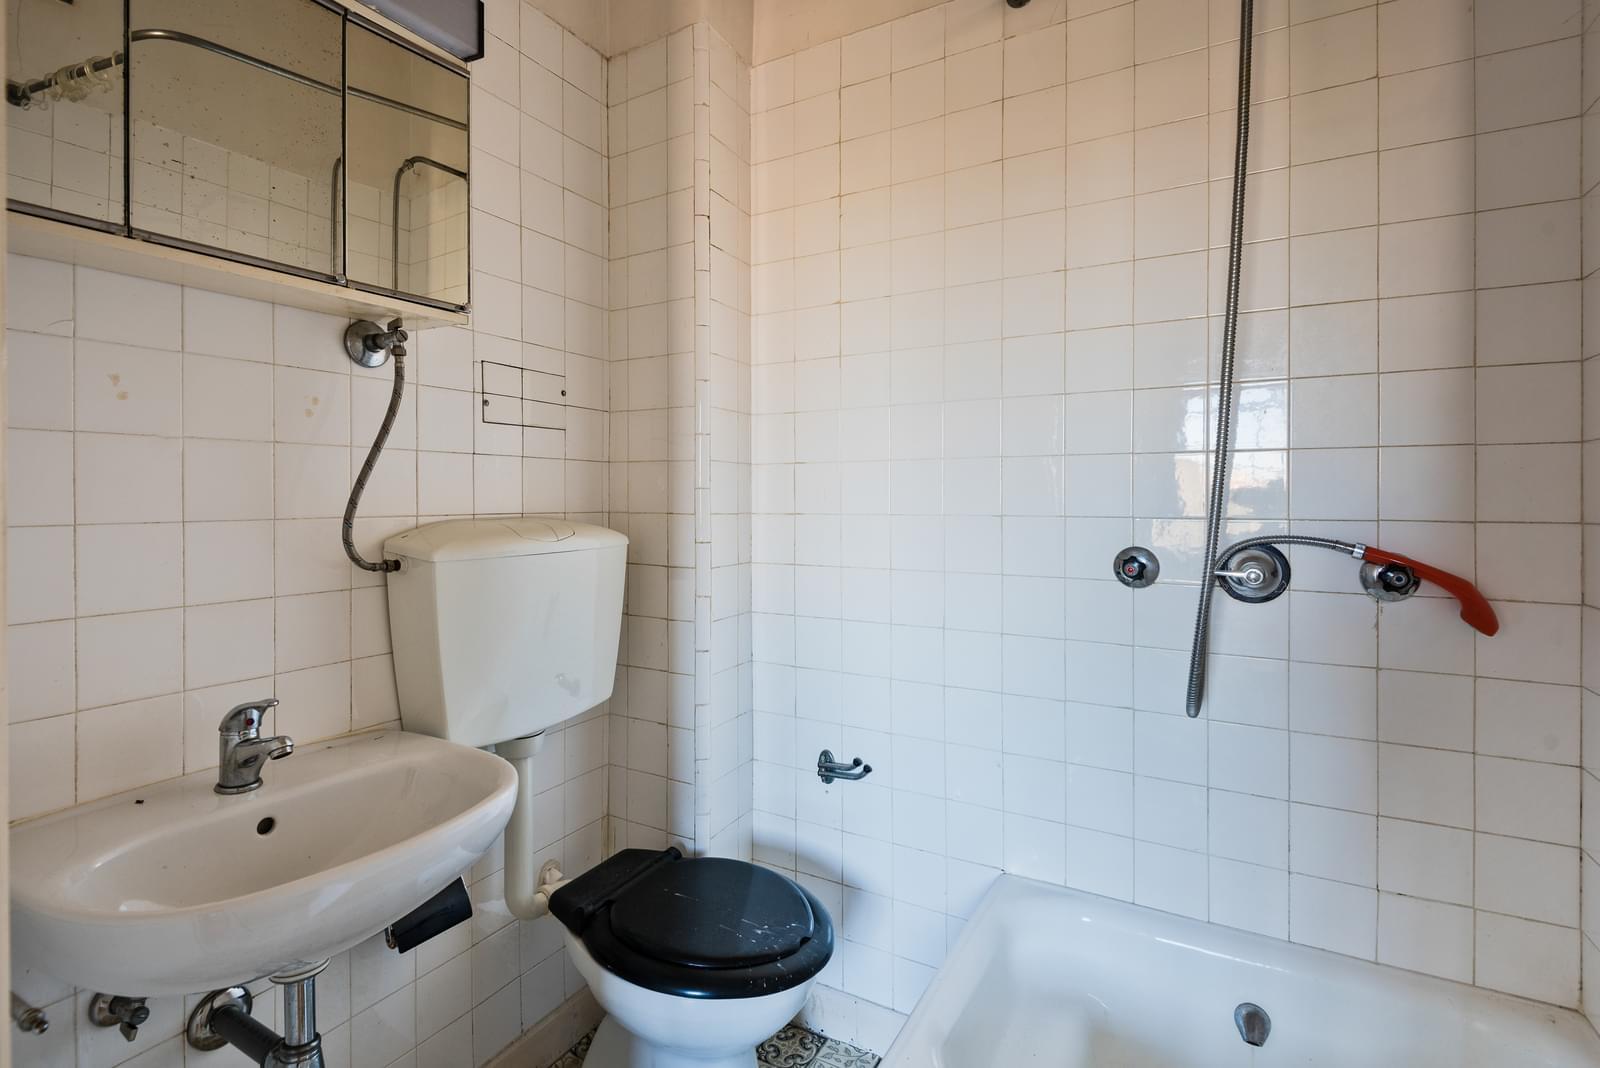 pf18965-apartamento-t2-1-cascais-8c079bc7-3129-4255-80c4-59c416c98b3c